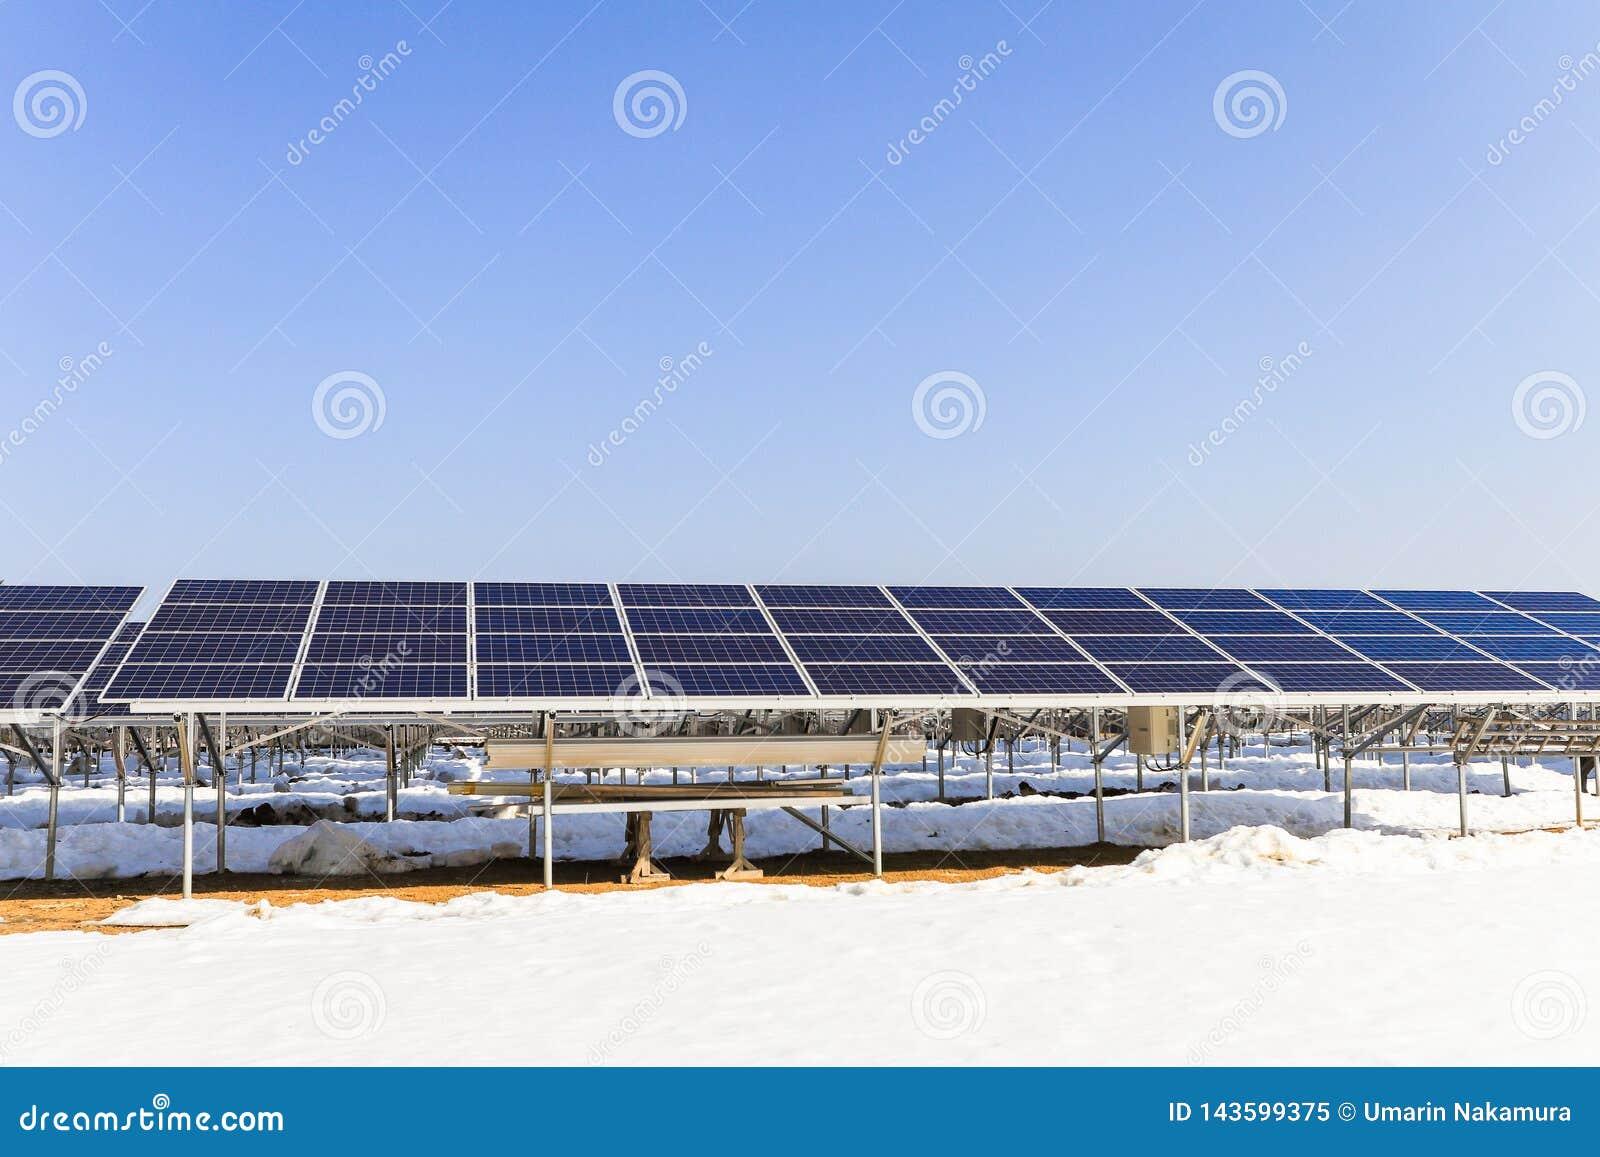 Solarenergiegremien, photo-voltaische Module f?r Innovation gr?nen Energie f?r das Leben